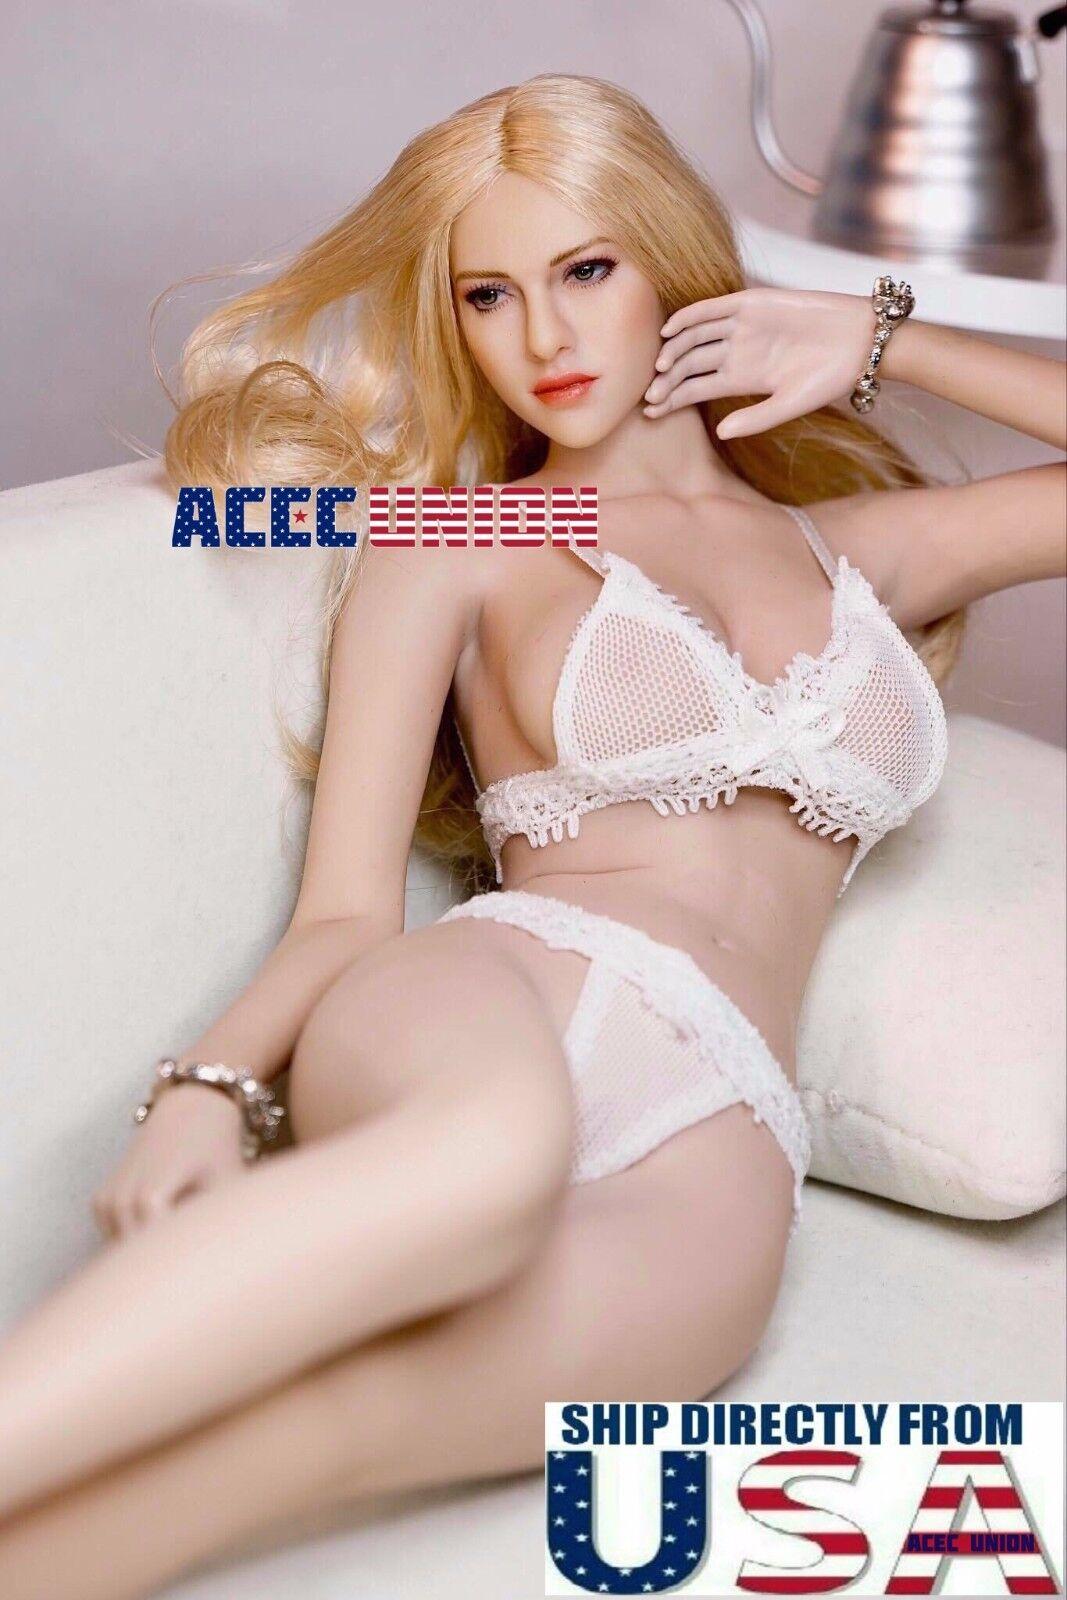 Phicen 1   6  american beauty nahtlosen bild - puppe mit lingeries - verkäufer